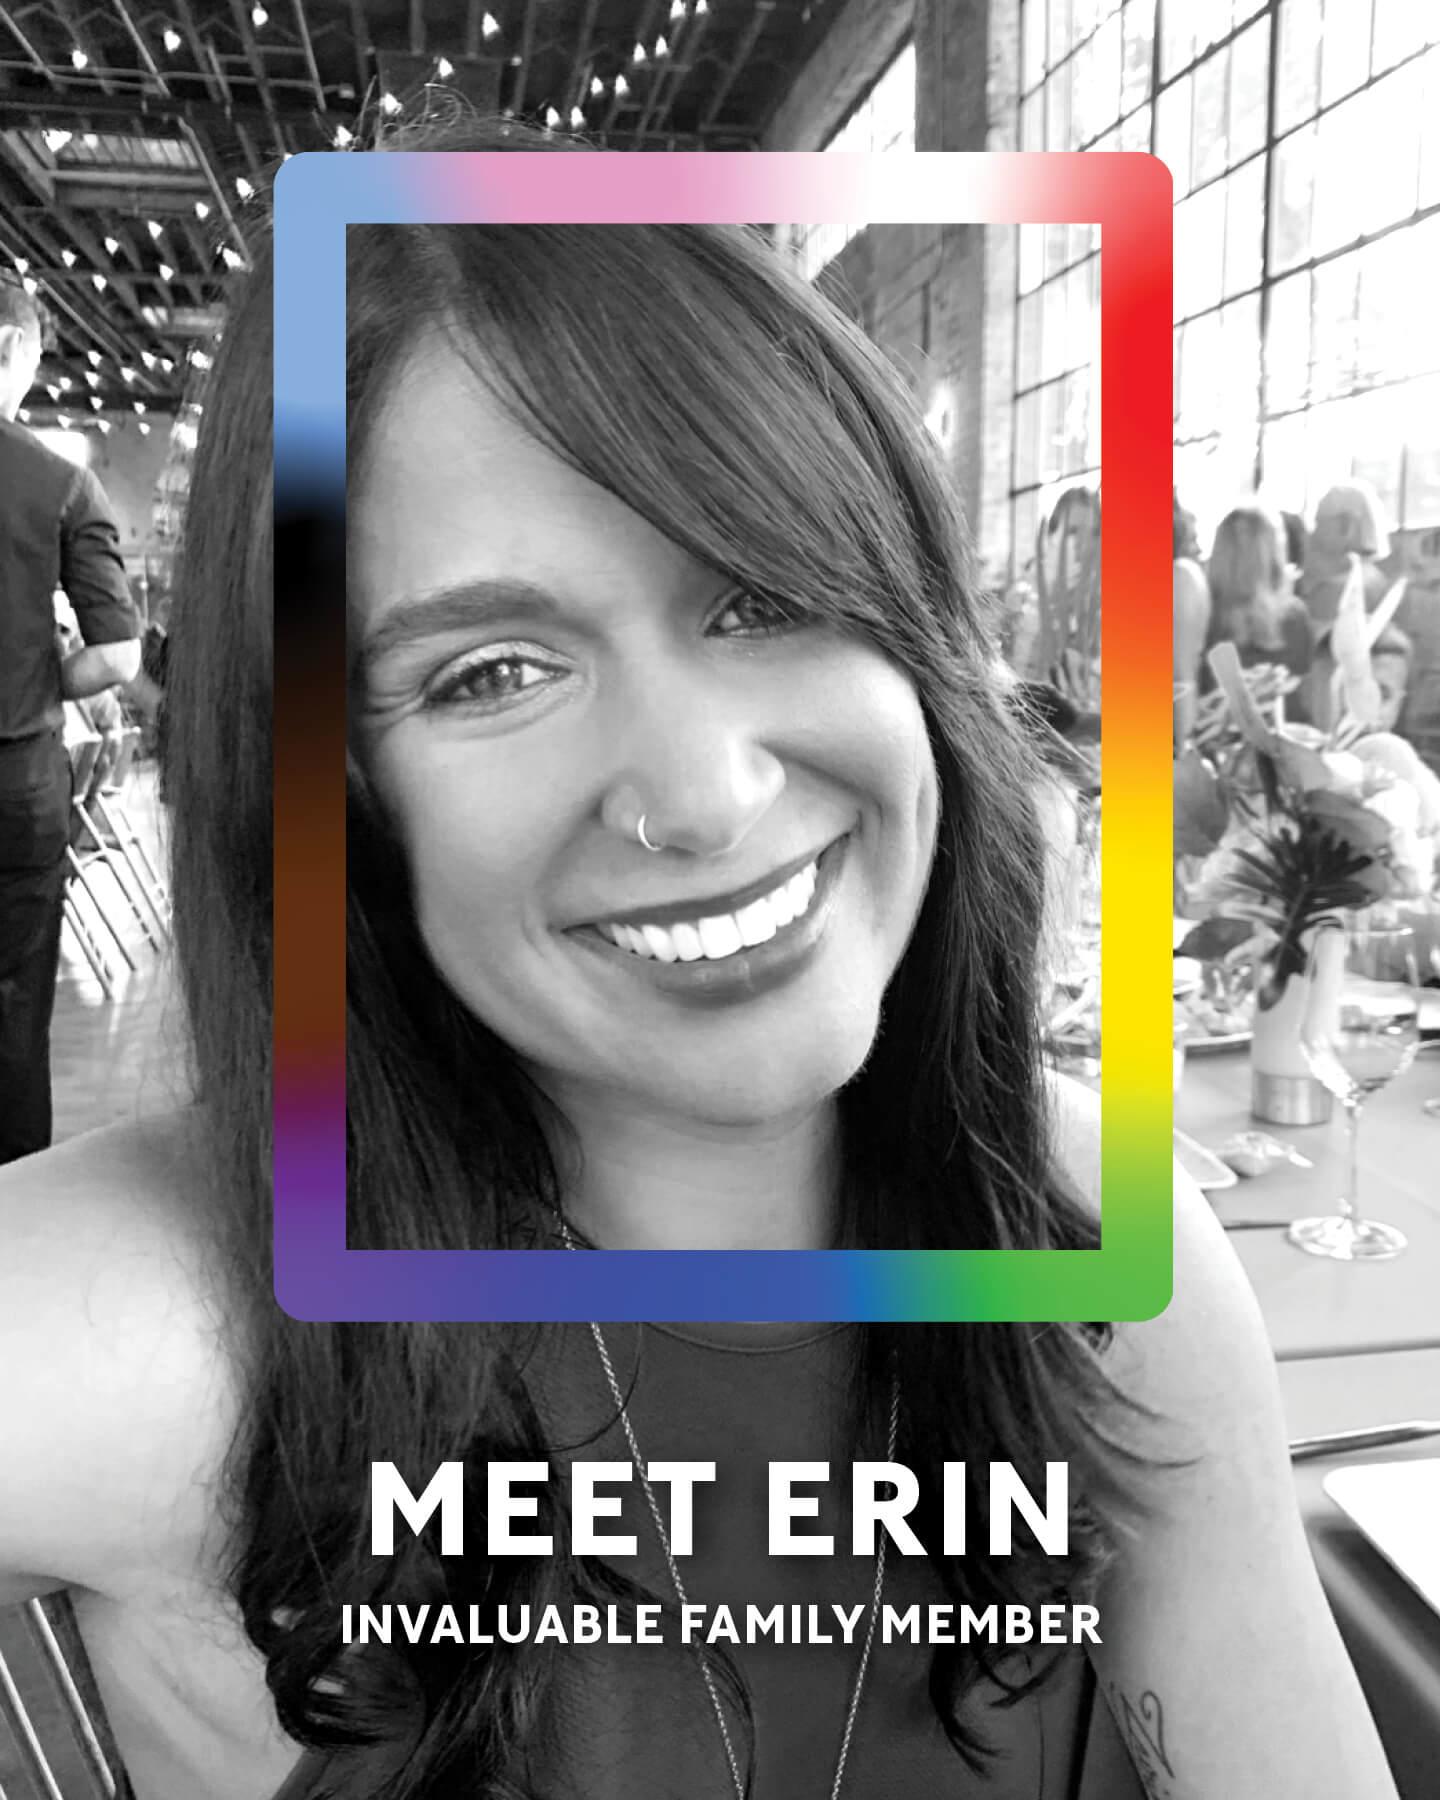 MIXX_25th_GrowthAgents_Social_Media_Erin-G